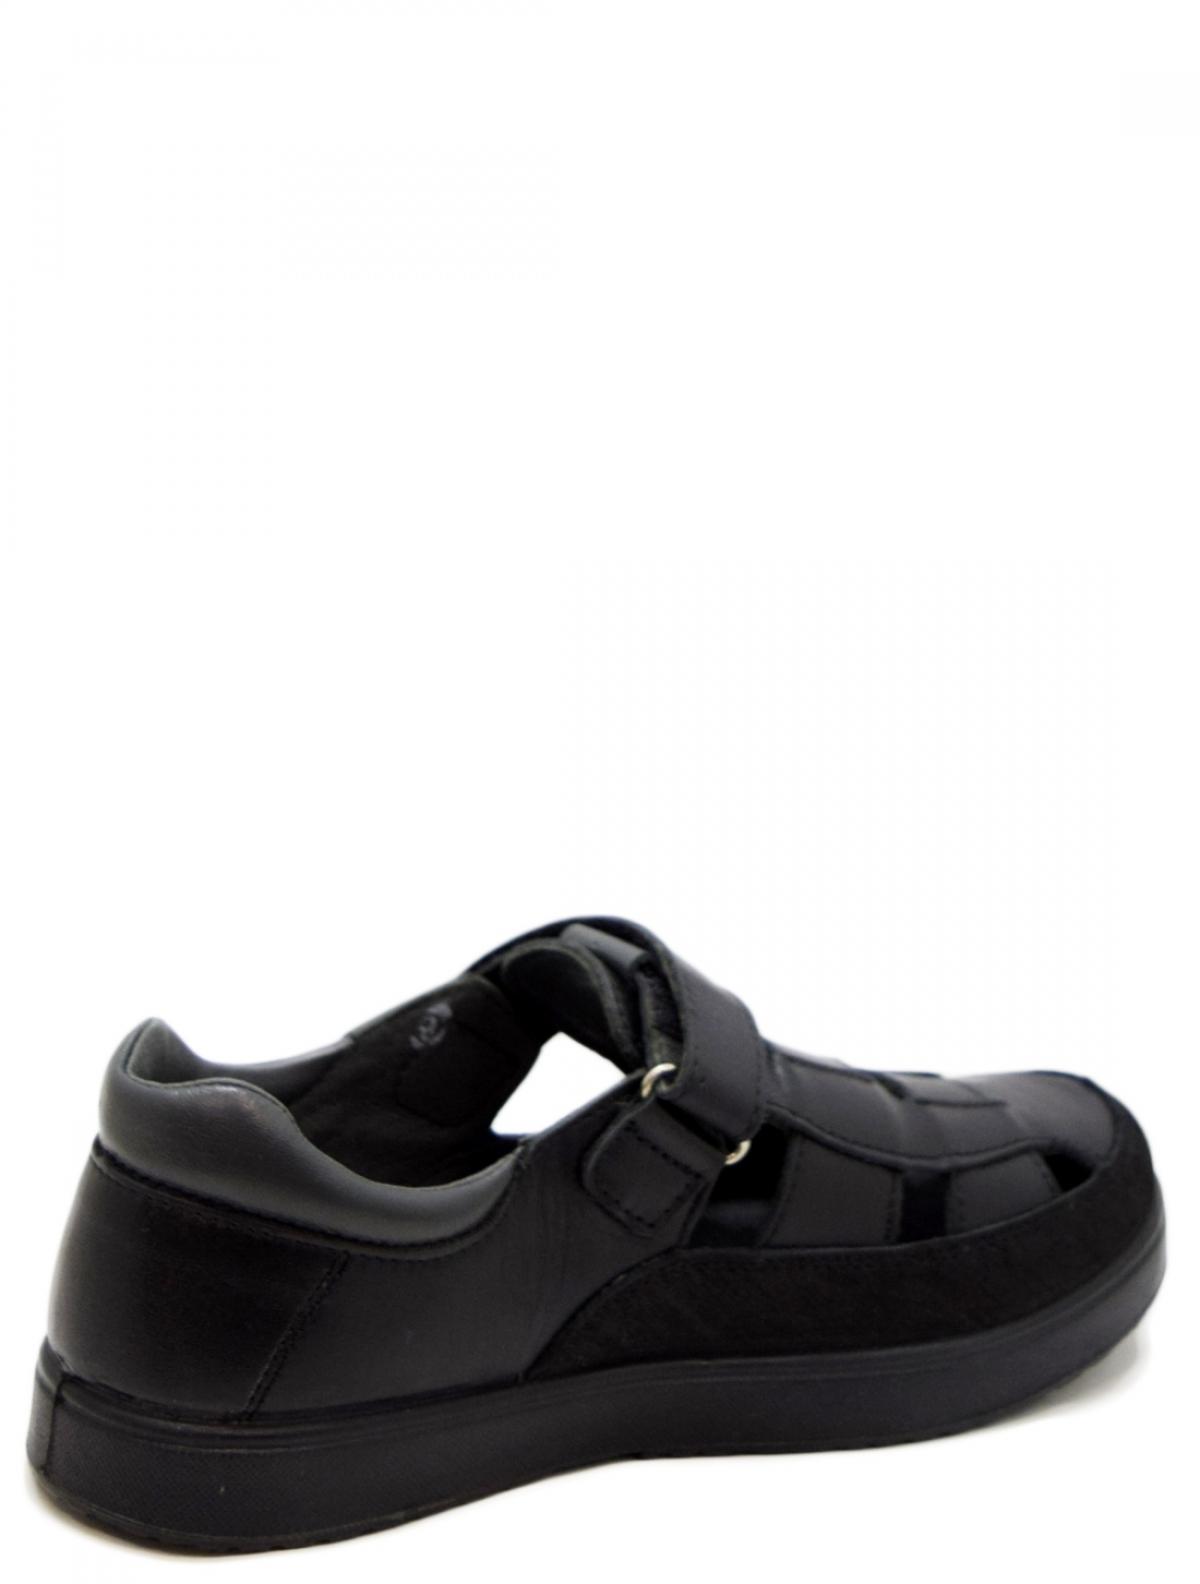 732198-24 туфли для мальчика